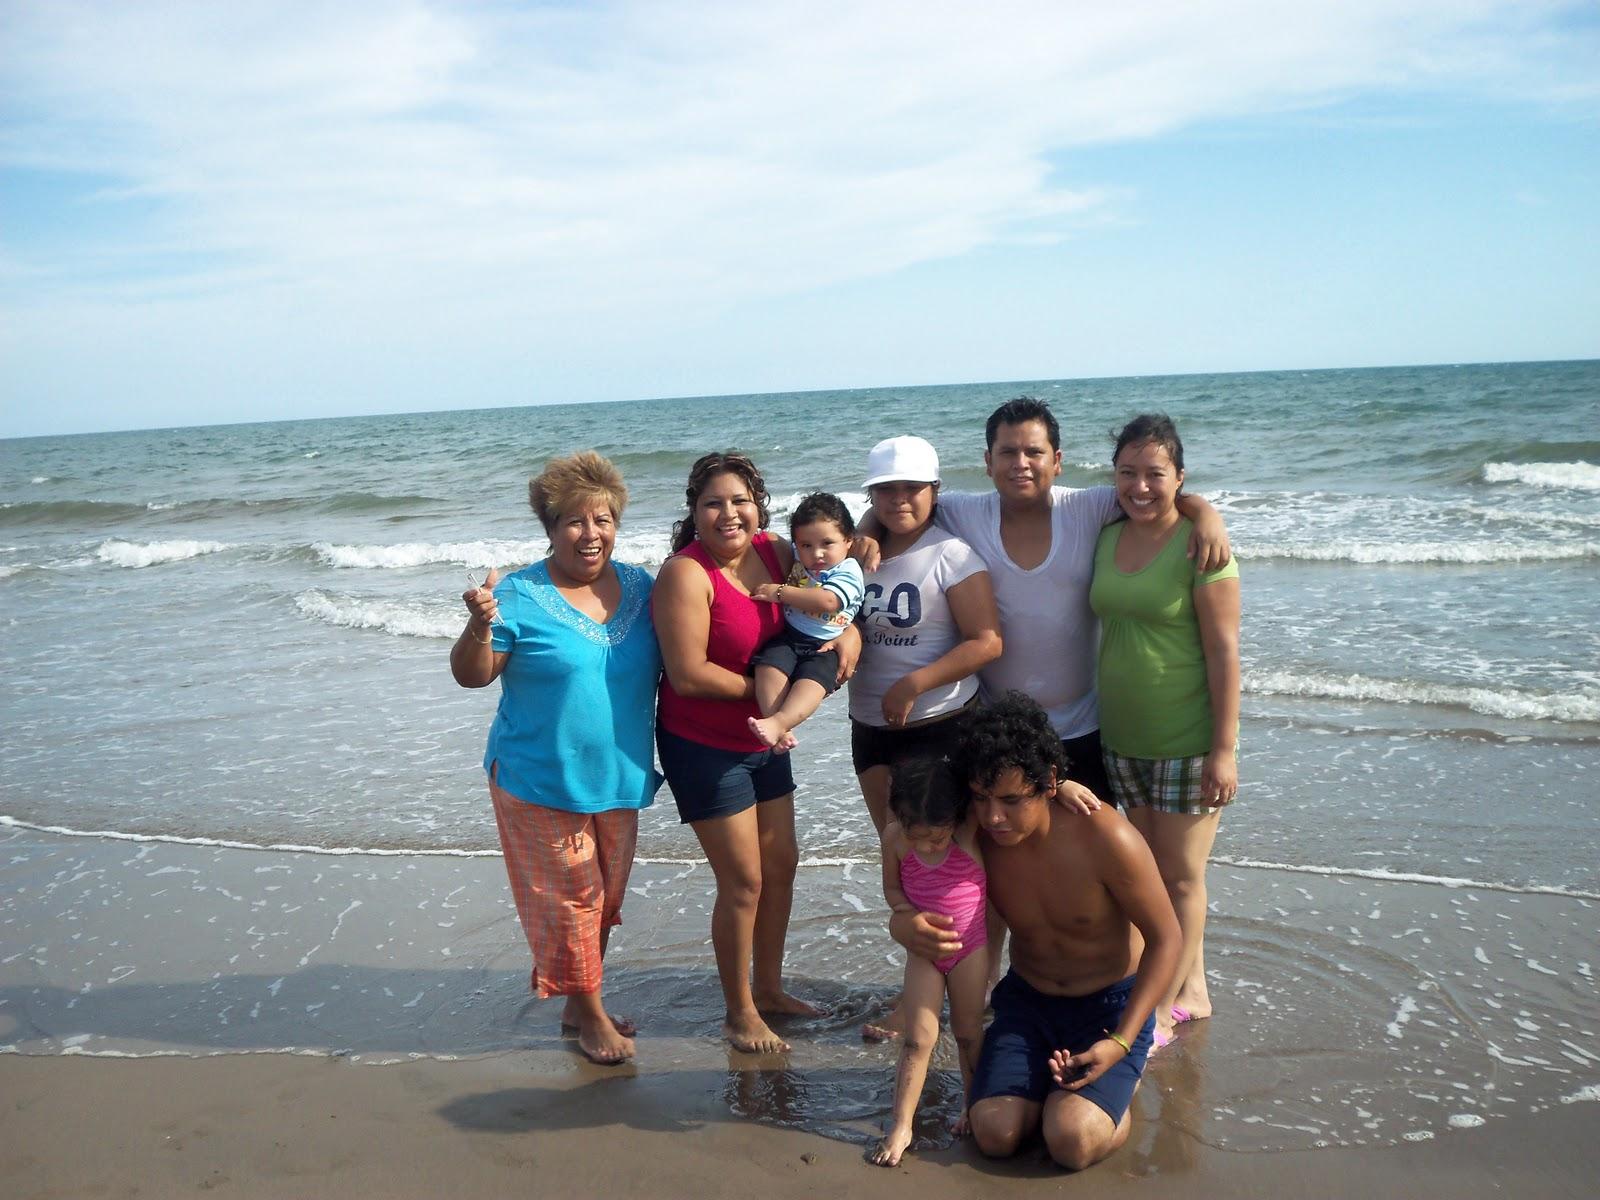 Hermanas pelirrojas en la playa